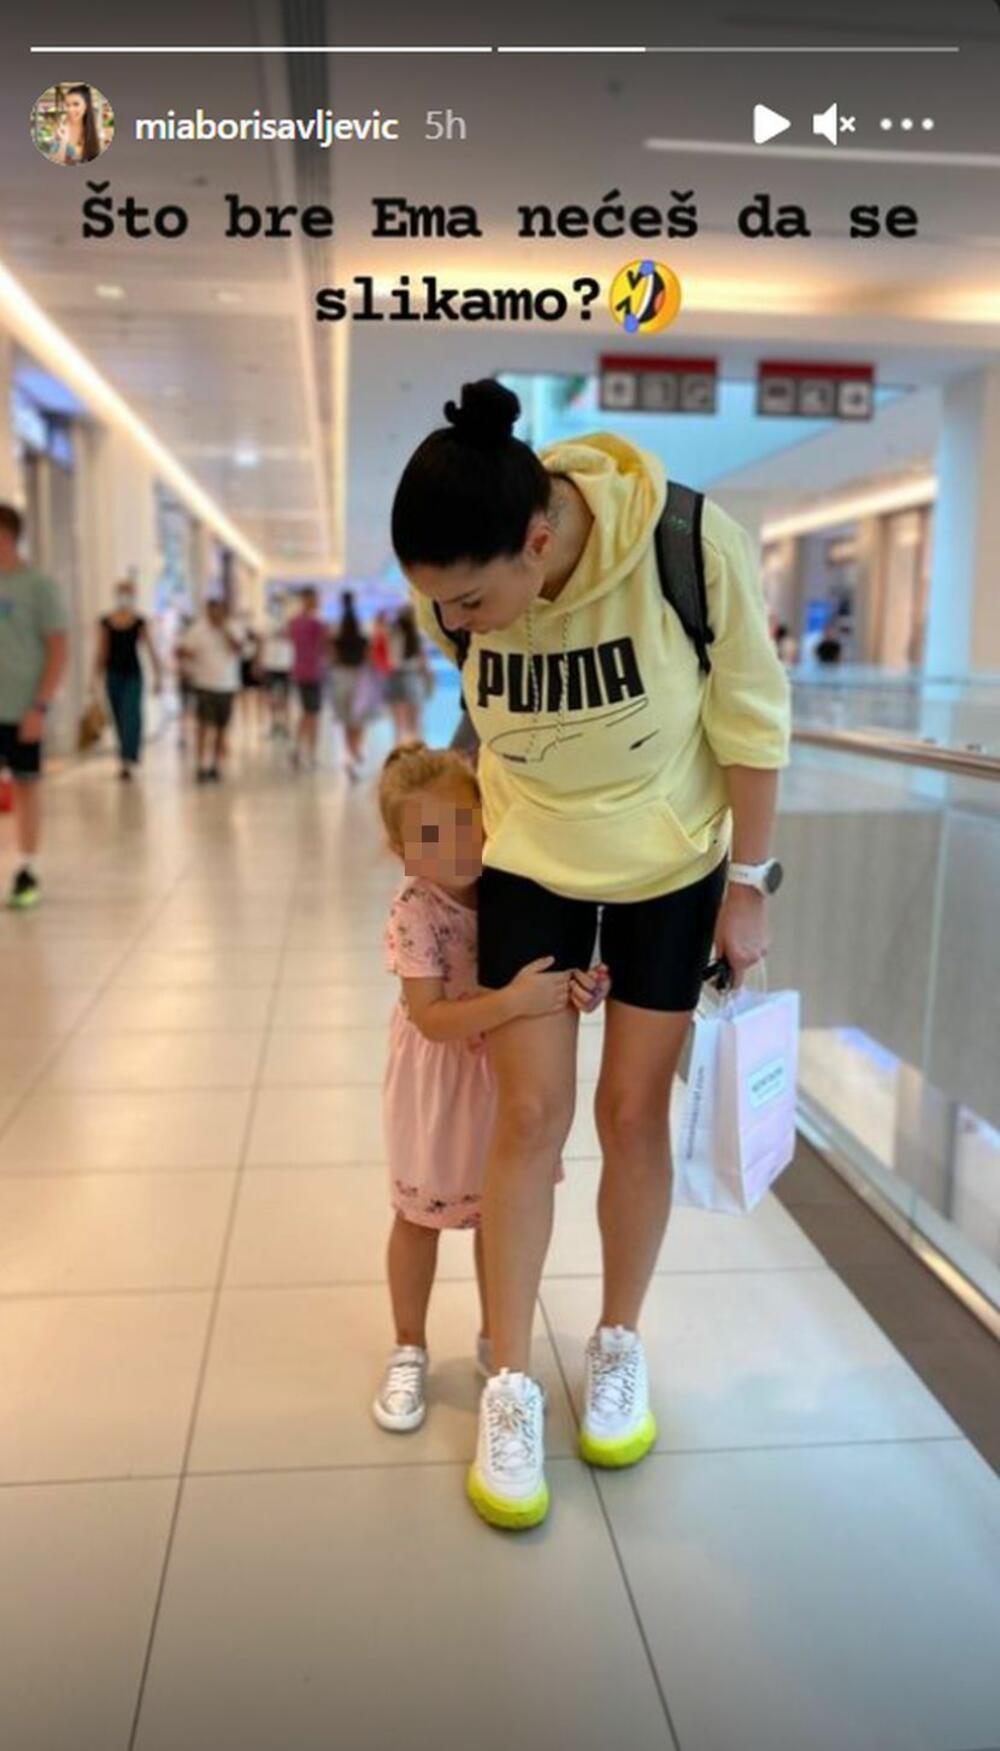 <p>Iako se porodila nedavno, Mia je već u pokretu, te je danas šopingovala sa starijom ćerkom Emom</p>